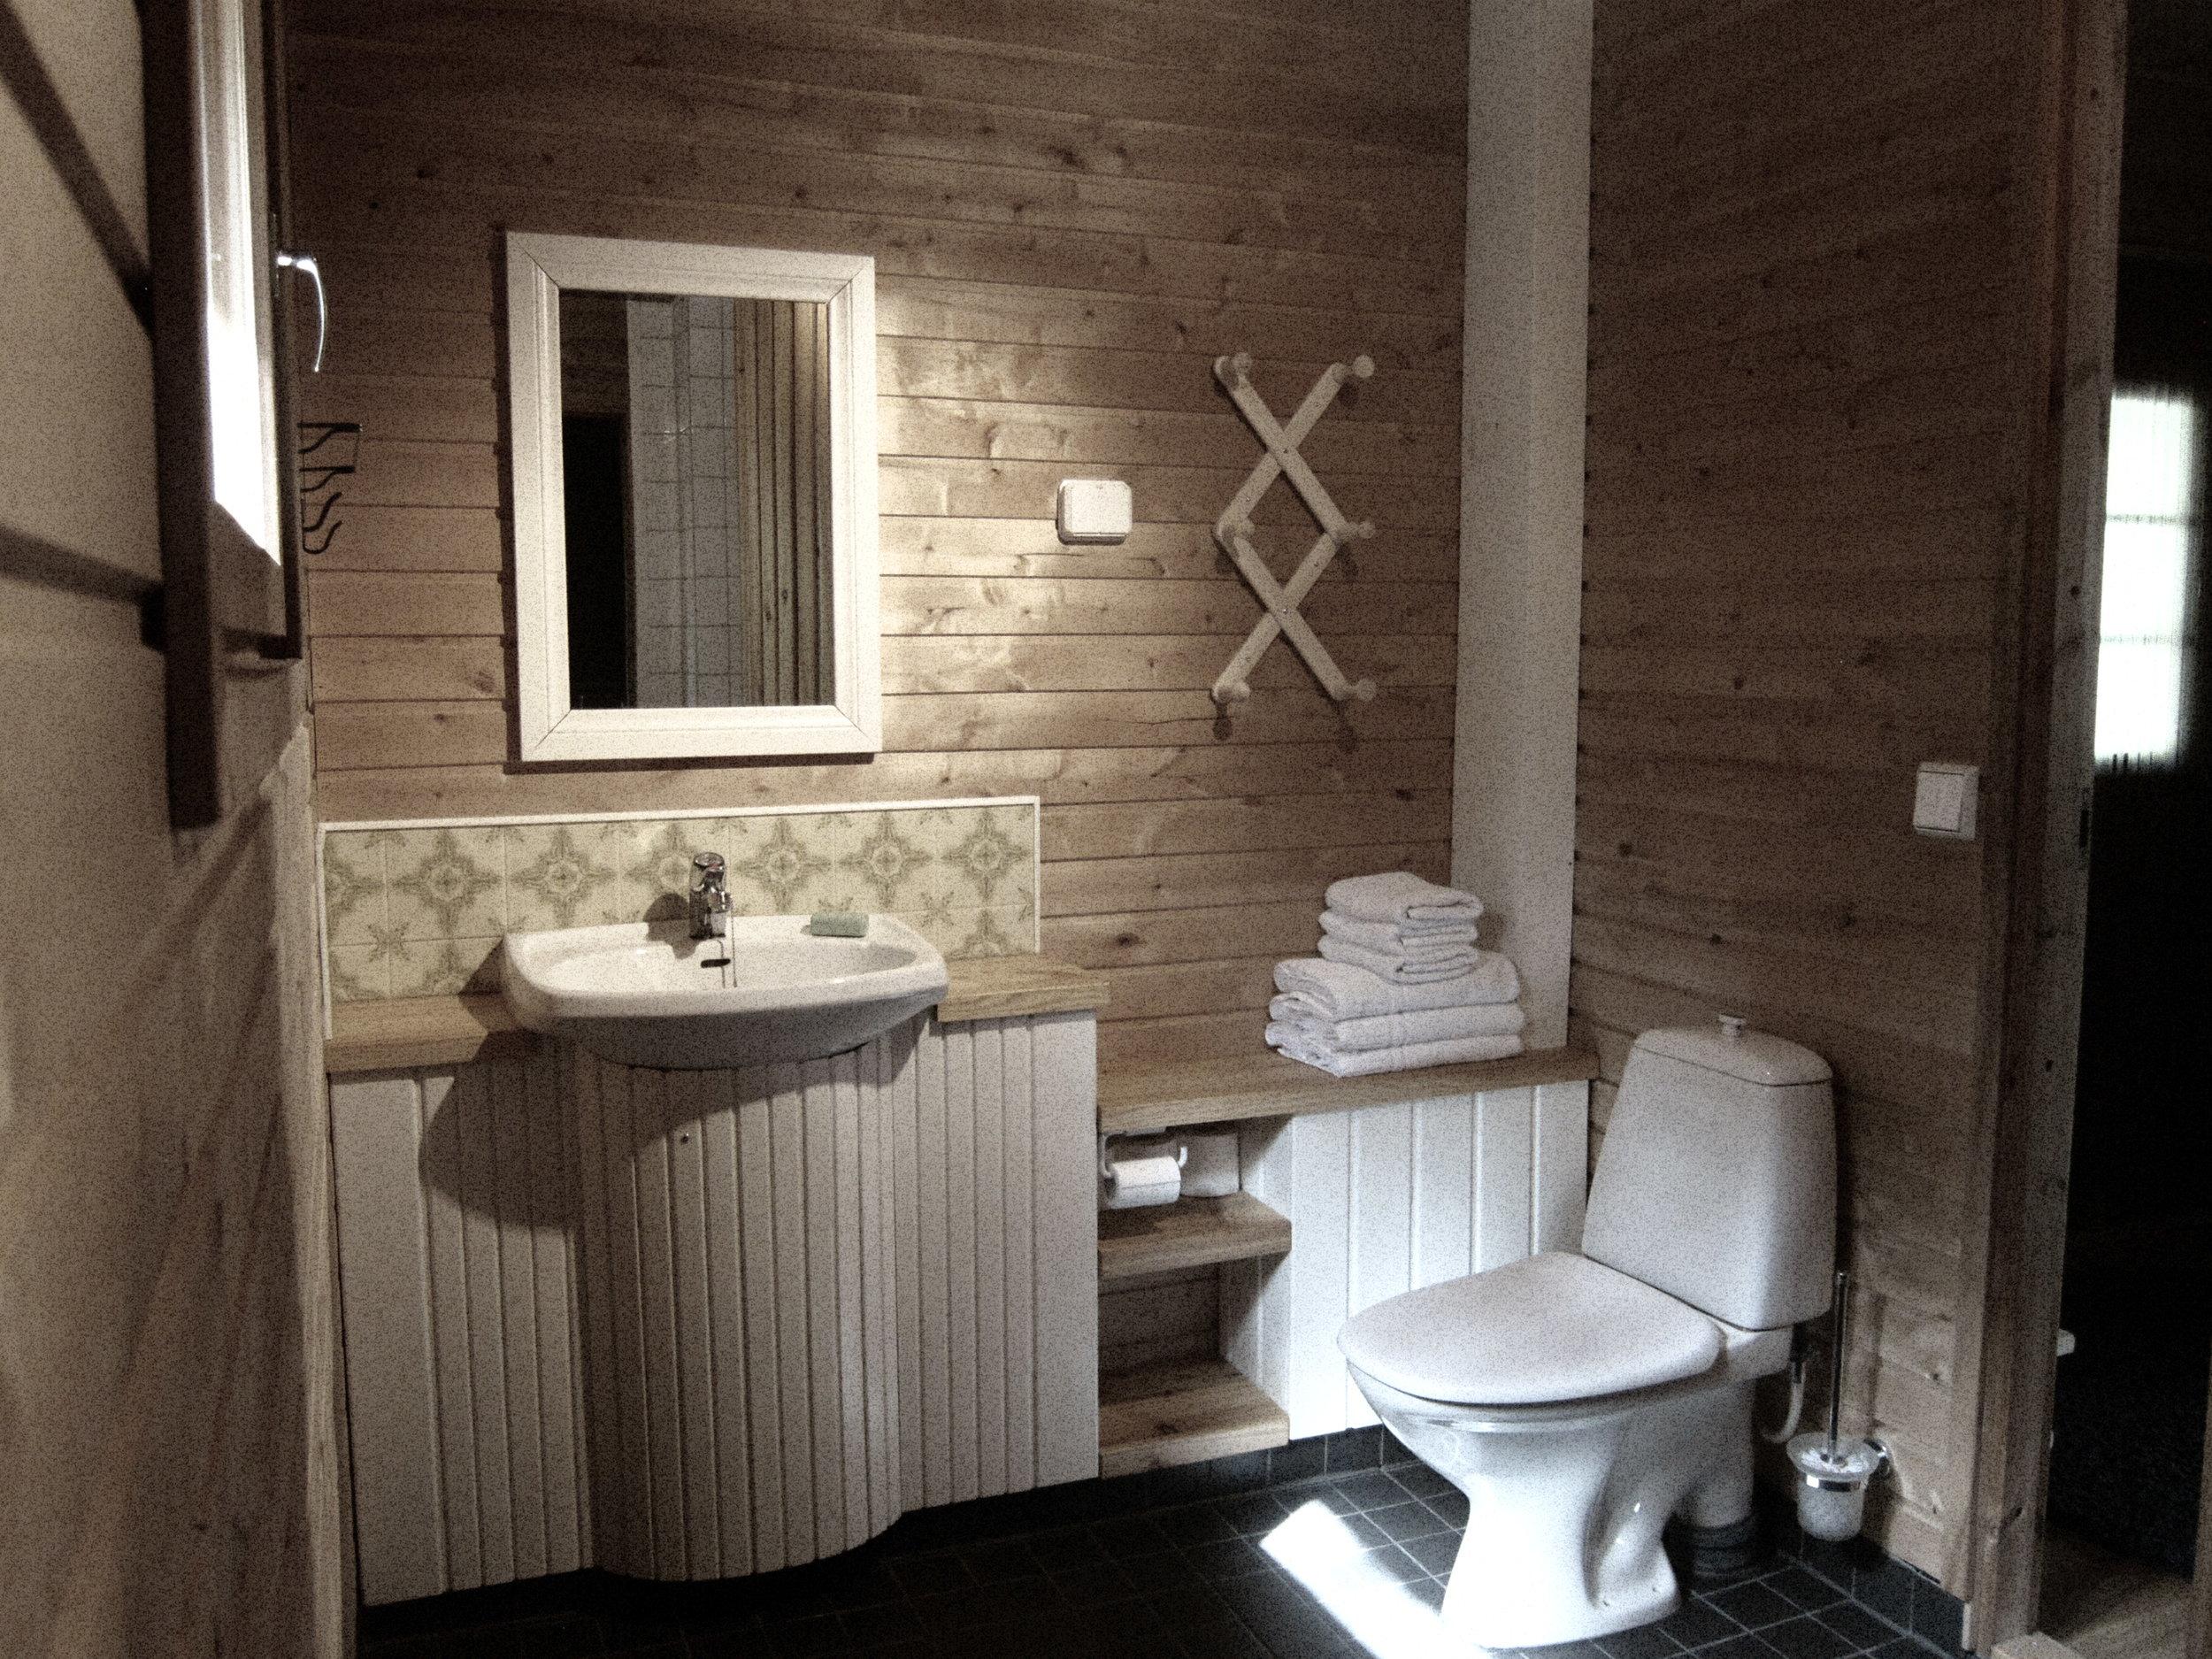 Täysin uudistuneet kylpyhuone- ja saunatilat tarjoavat rauhaisan tunnelman..